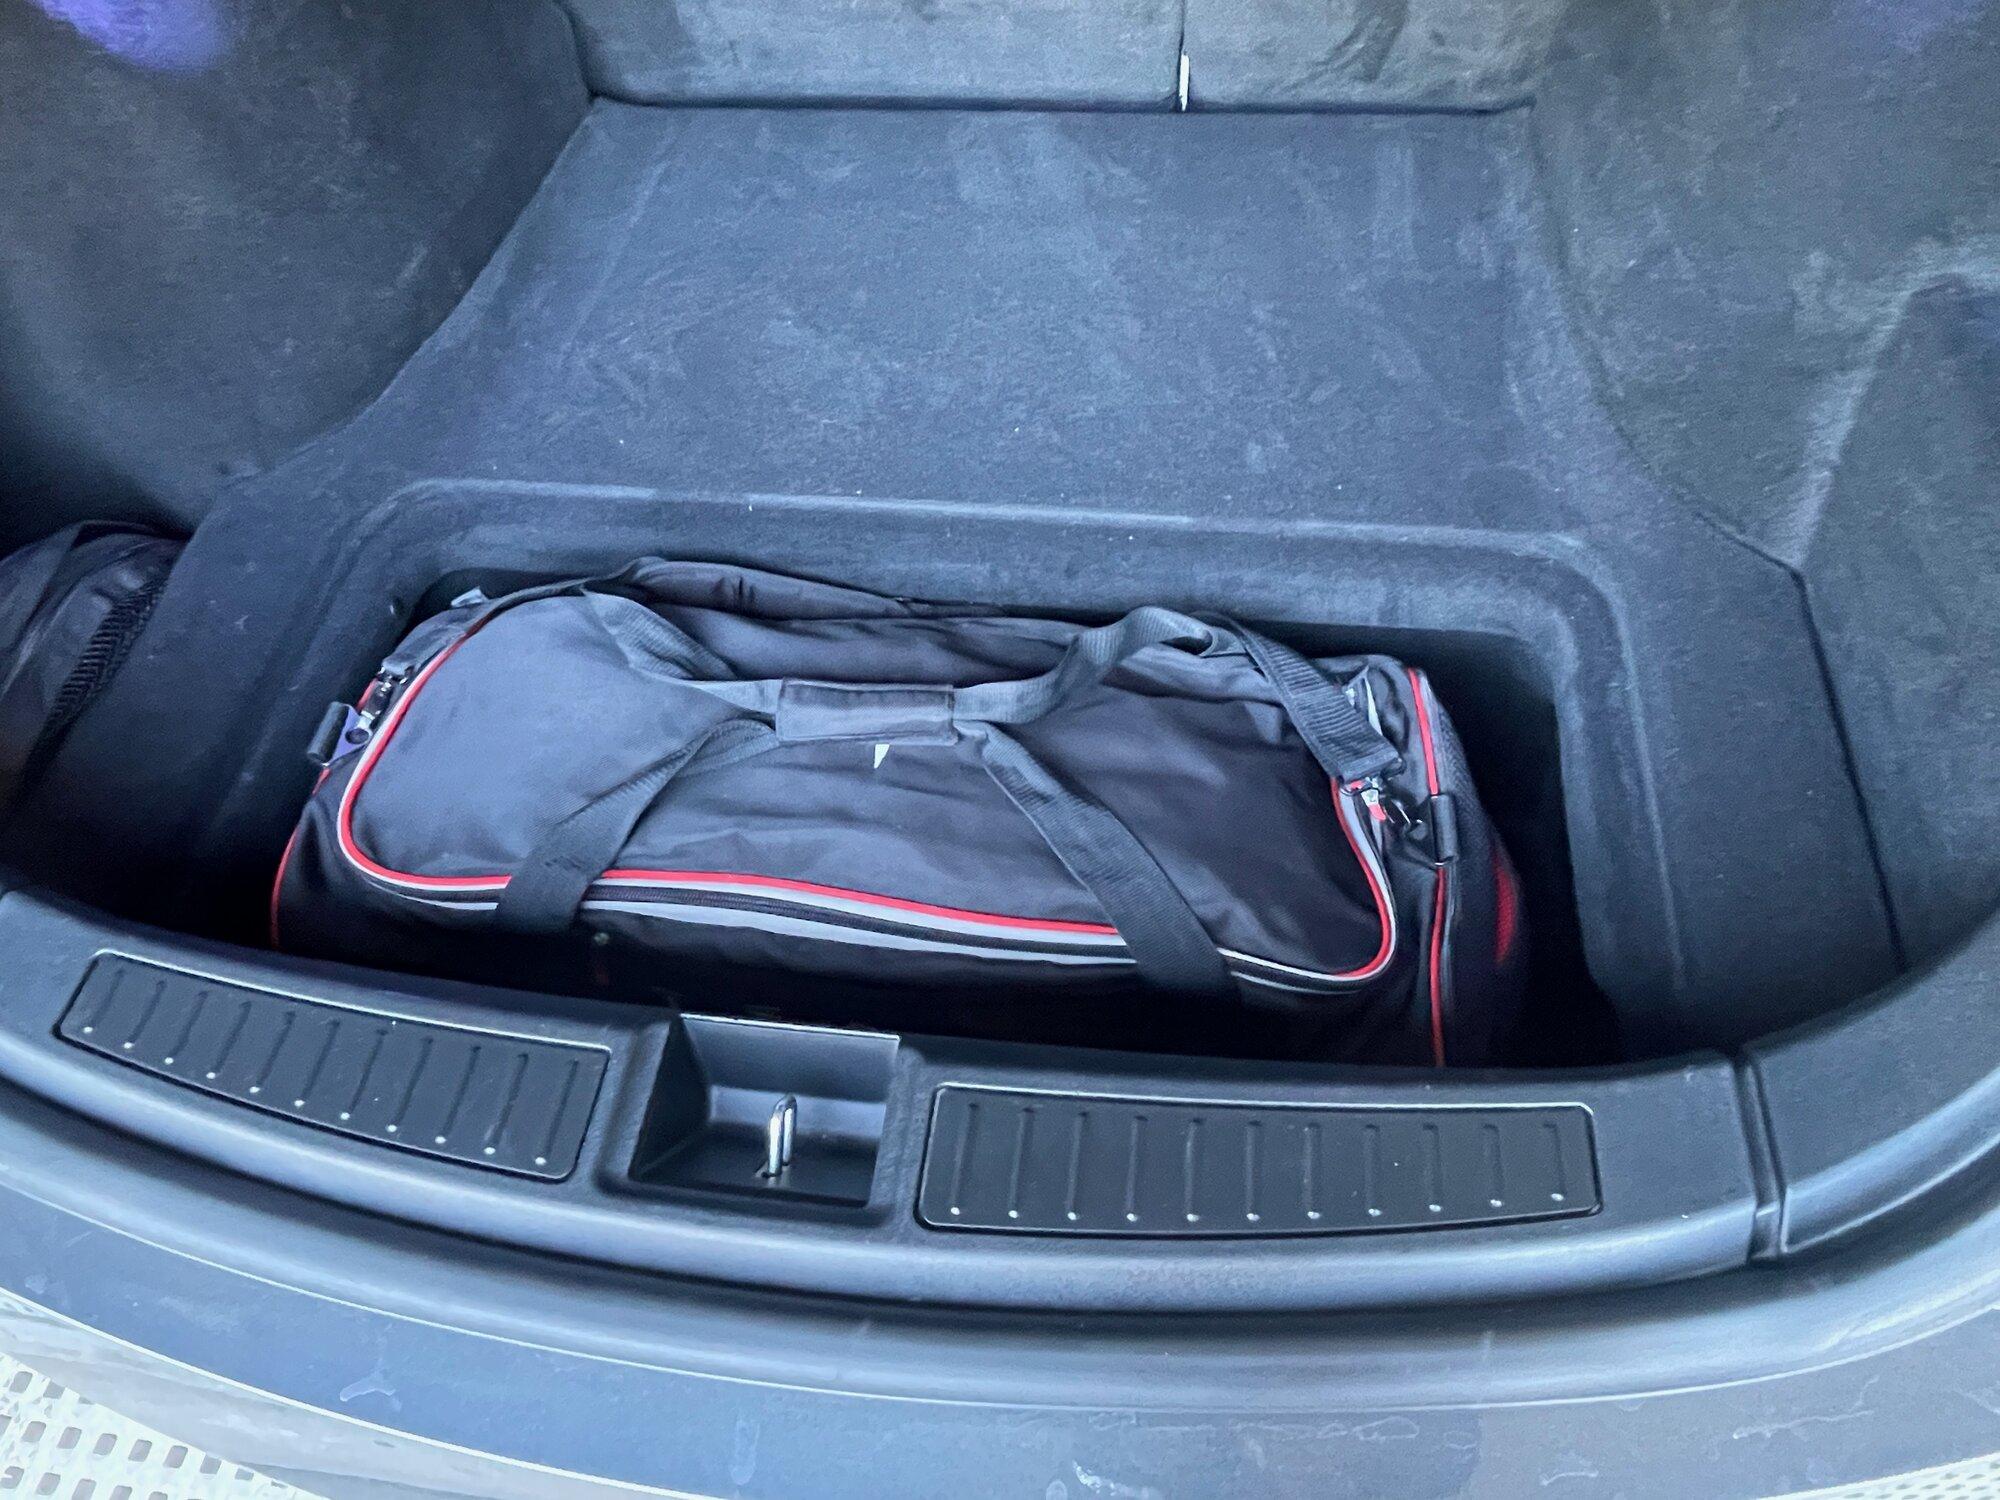 TeslaModelS-P90DL- - luggage6.jpeg